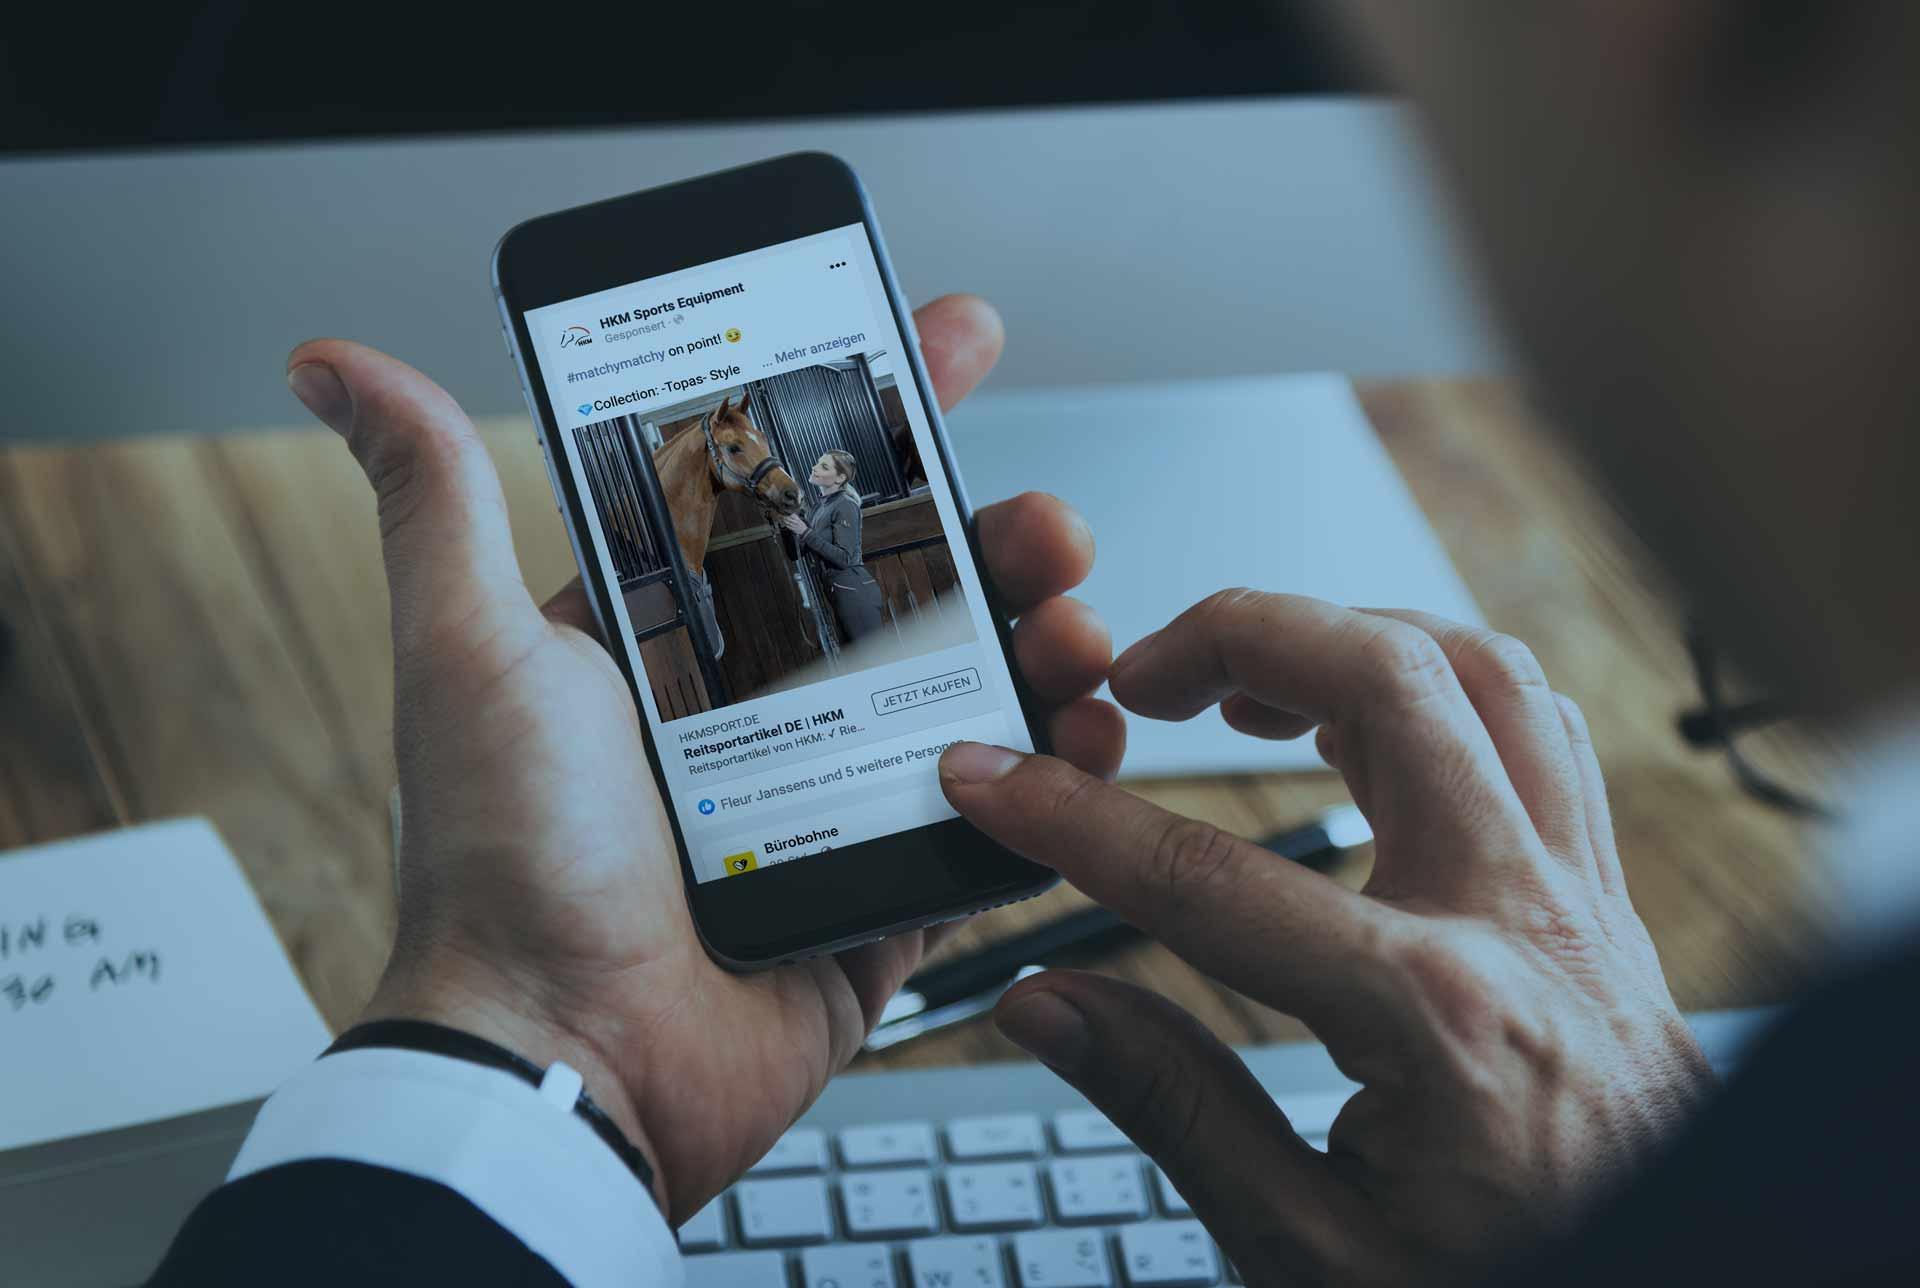 Referenz wird im Social Media Feed auf einem Mobilgerät dargestellt.